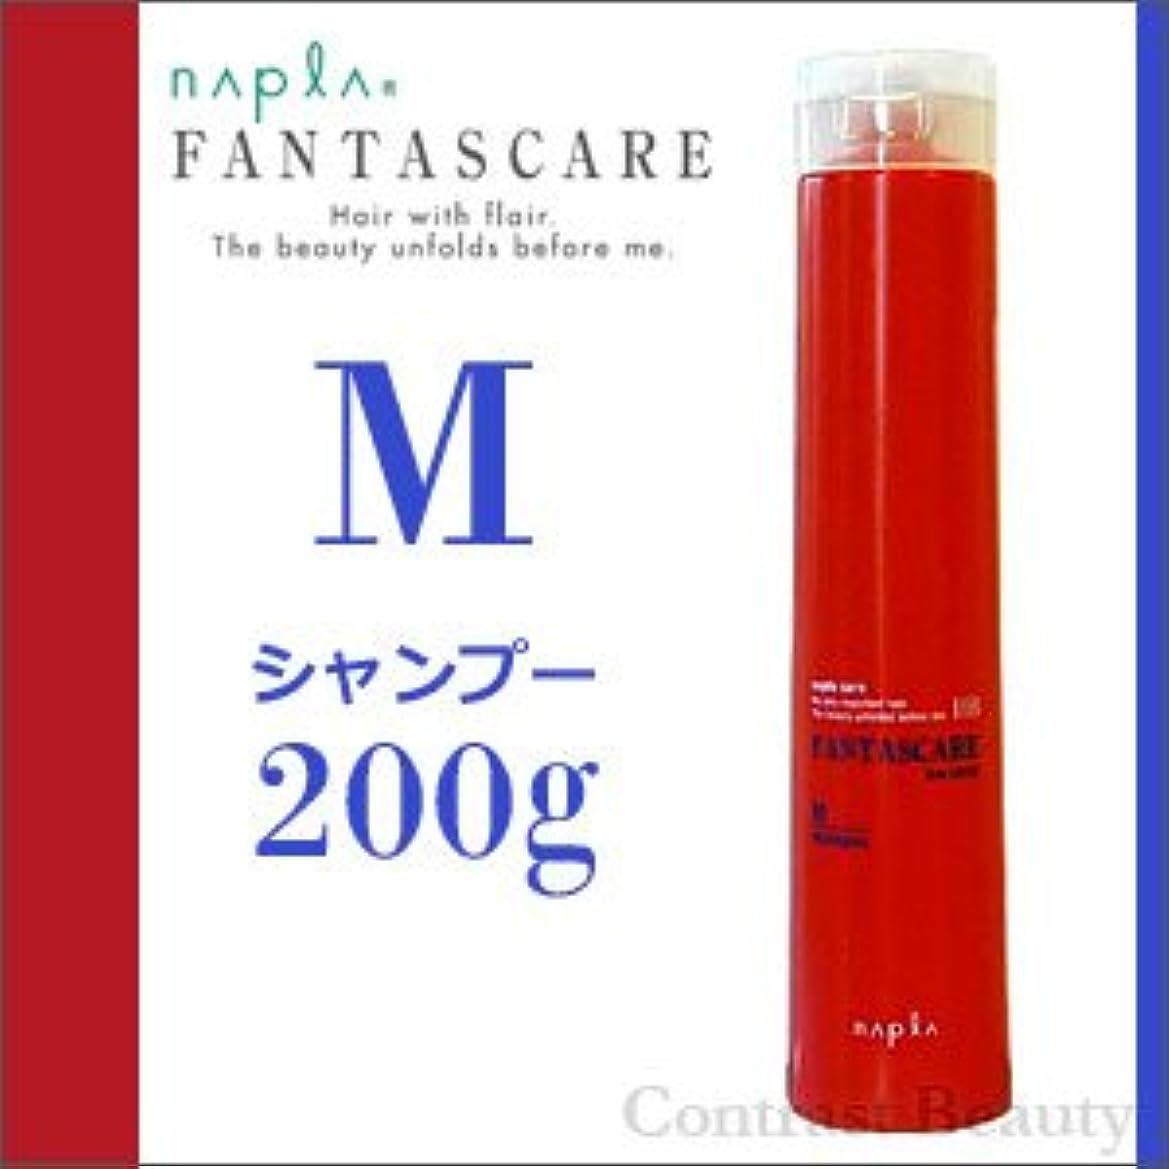 ラブのれん粒【X3個セット】 ナプラ ファンタスケア Mシャンプー 200g napla